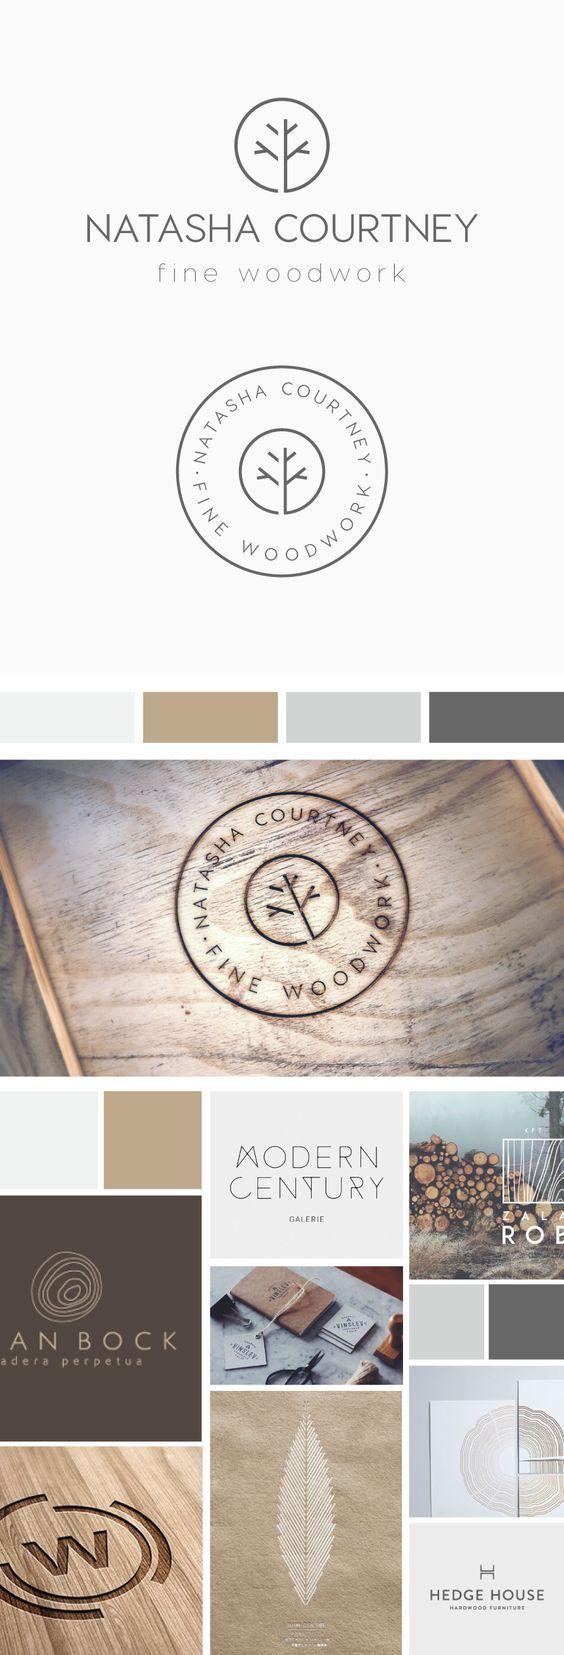 צבעים שמשדרים פשטות ומקצועיות אבל עדיין חיים